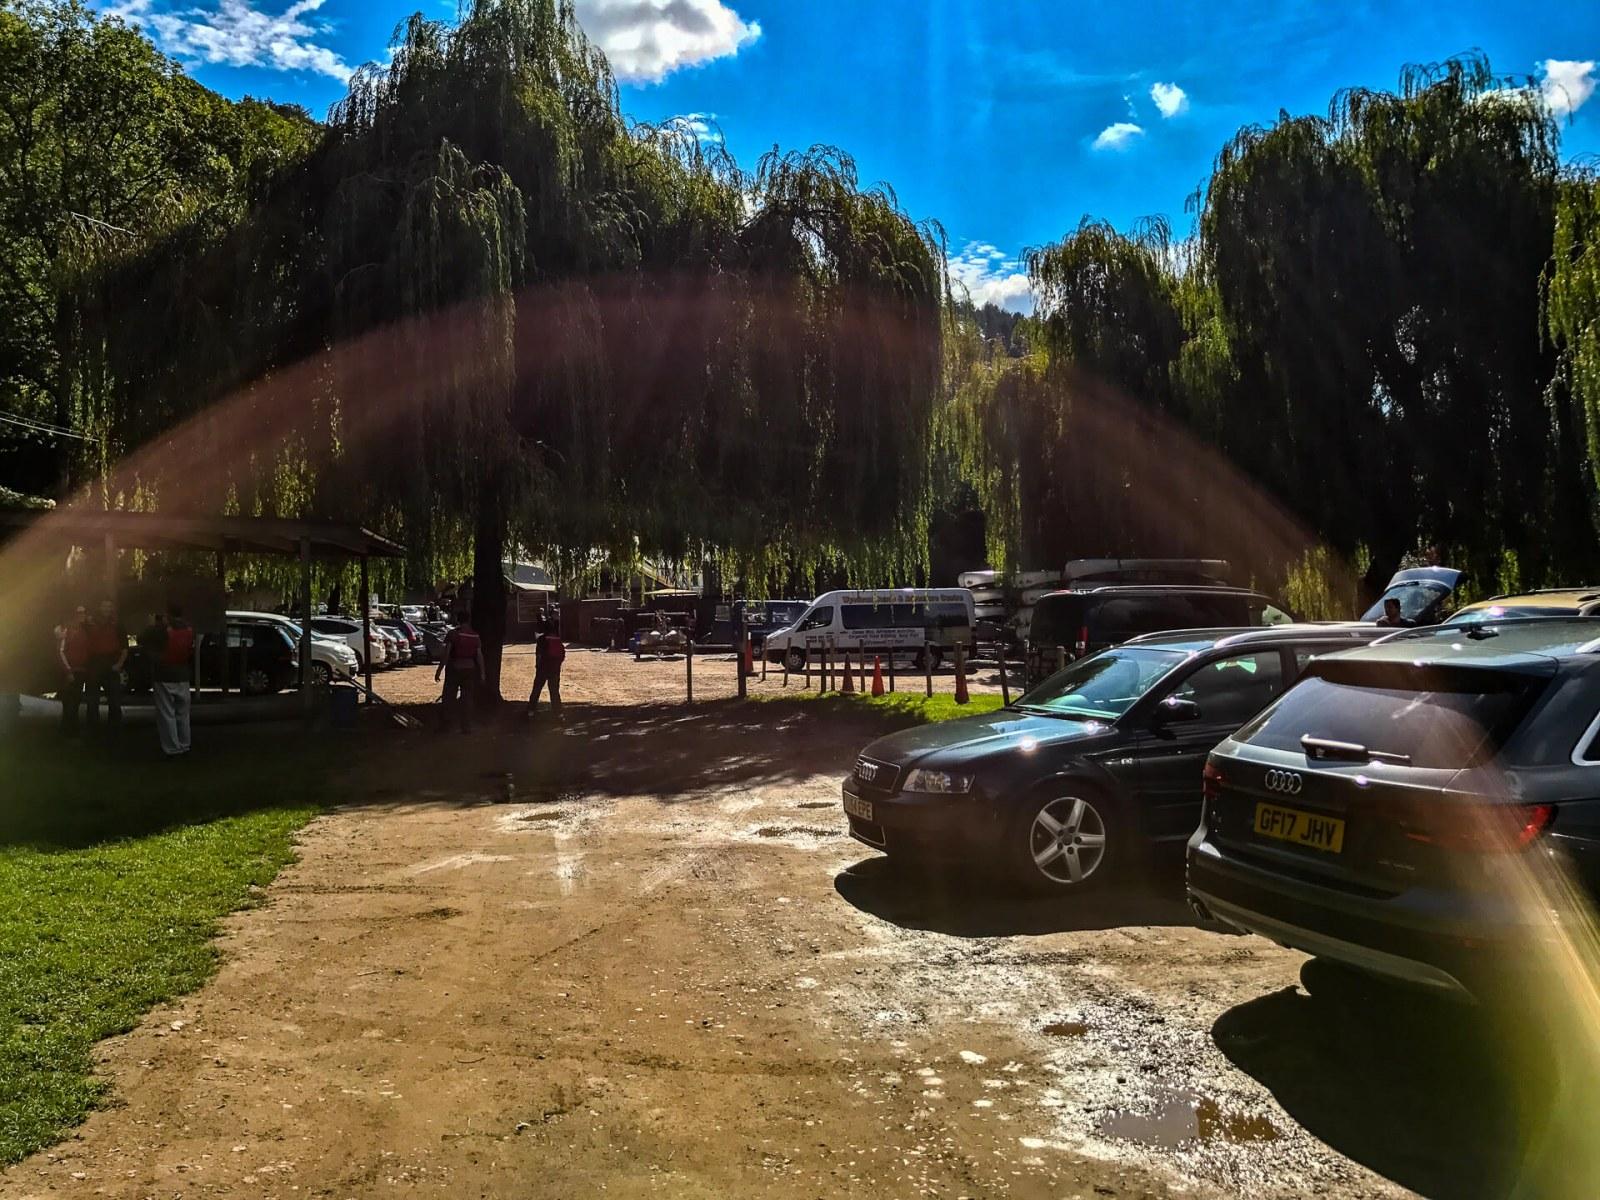 Symonds-yat-east-canoe-hire-car-park